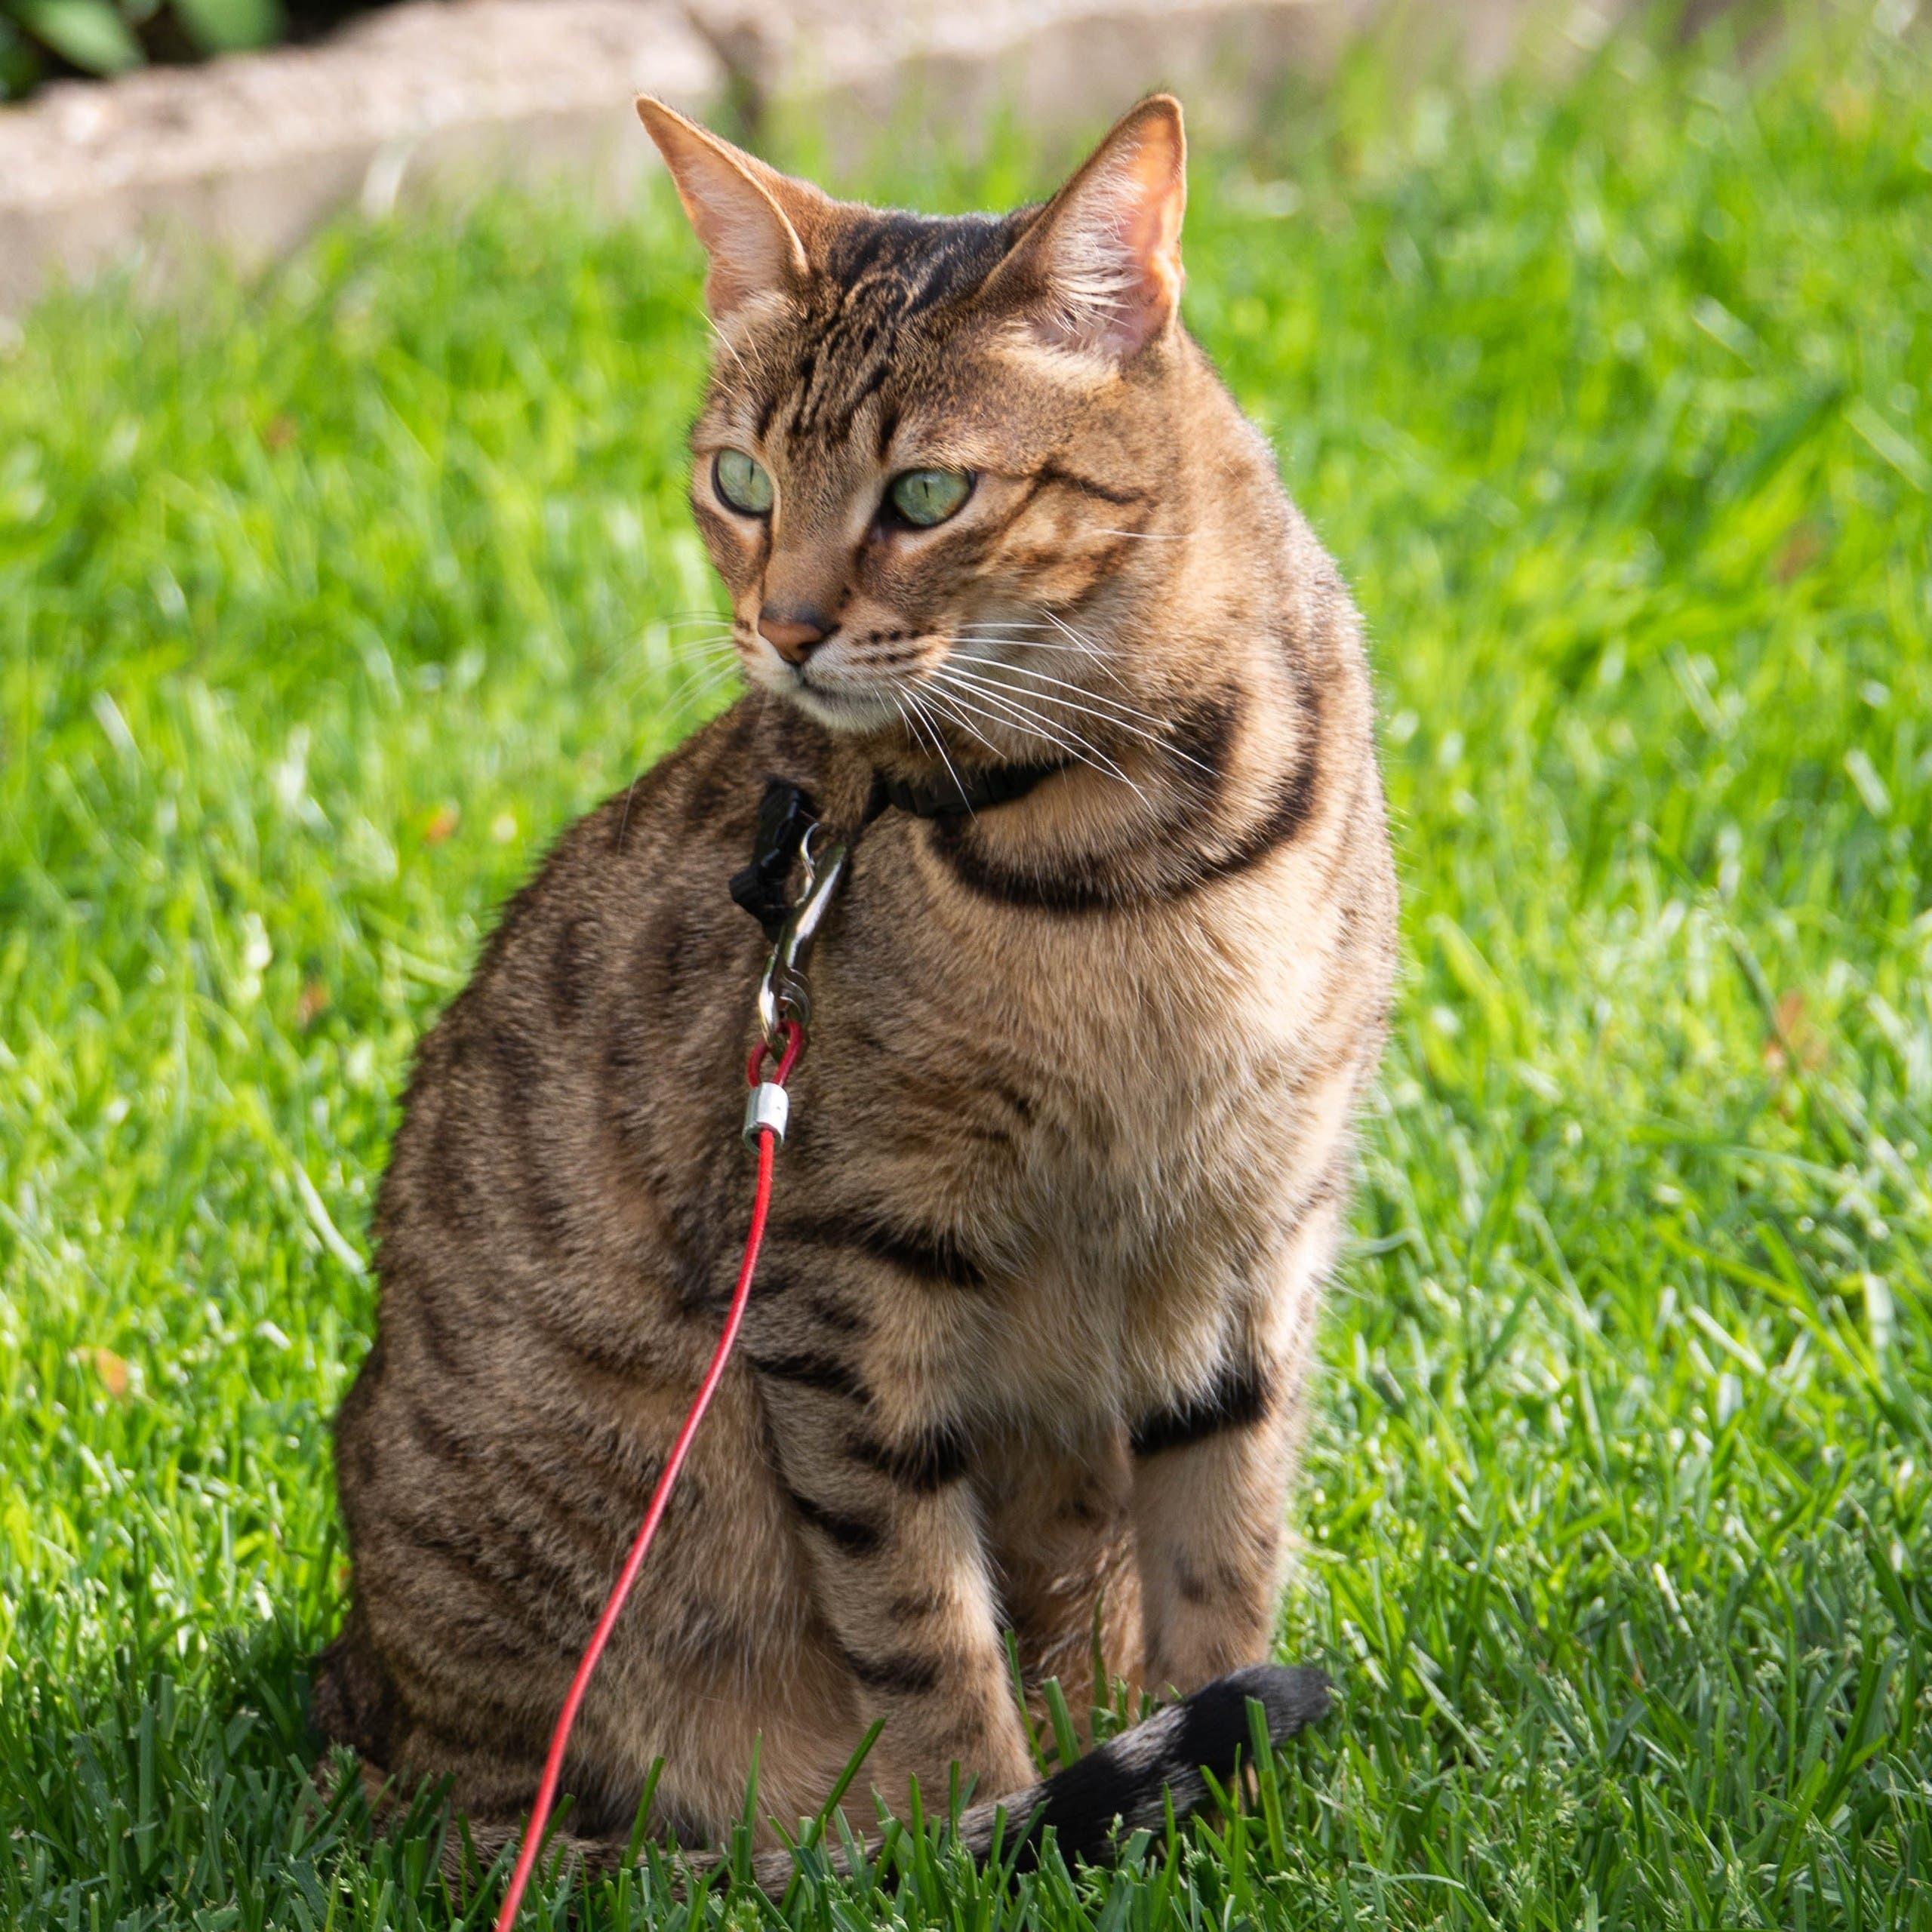 Savannah Cat. (Unsplash, J Photos)